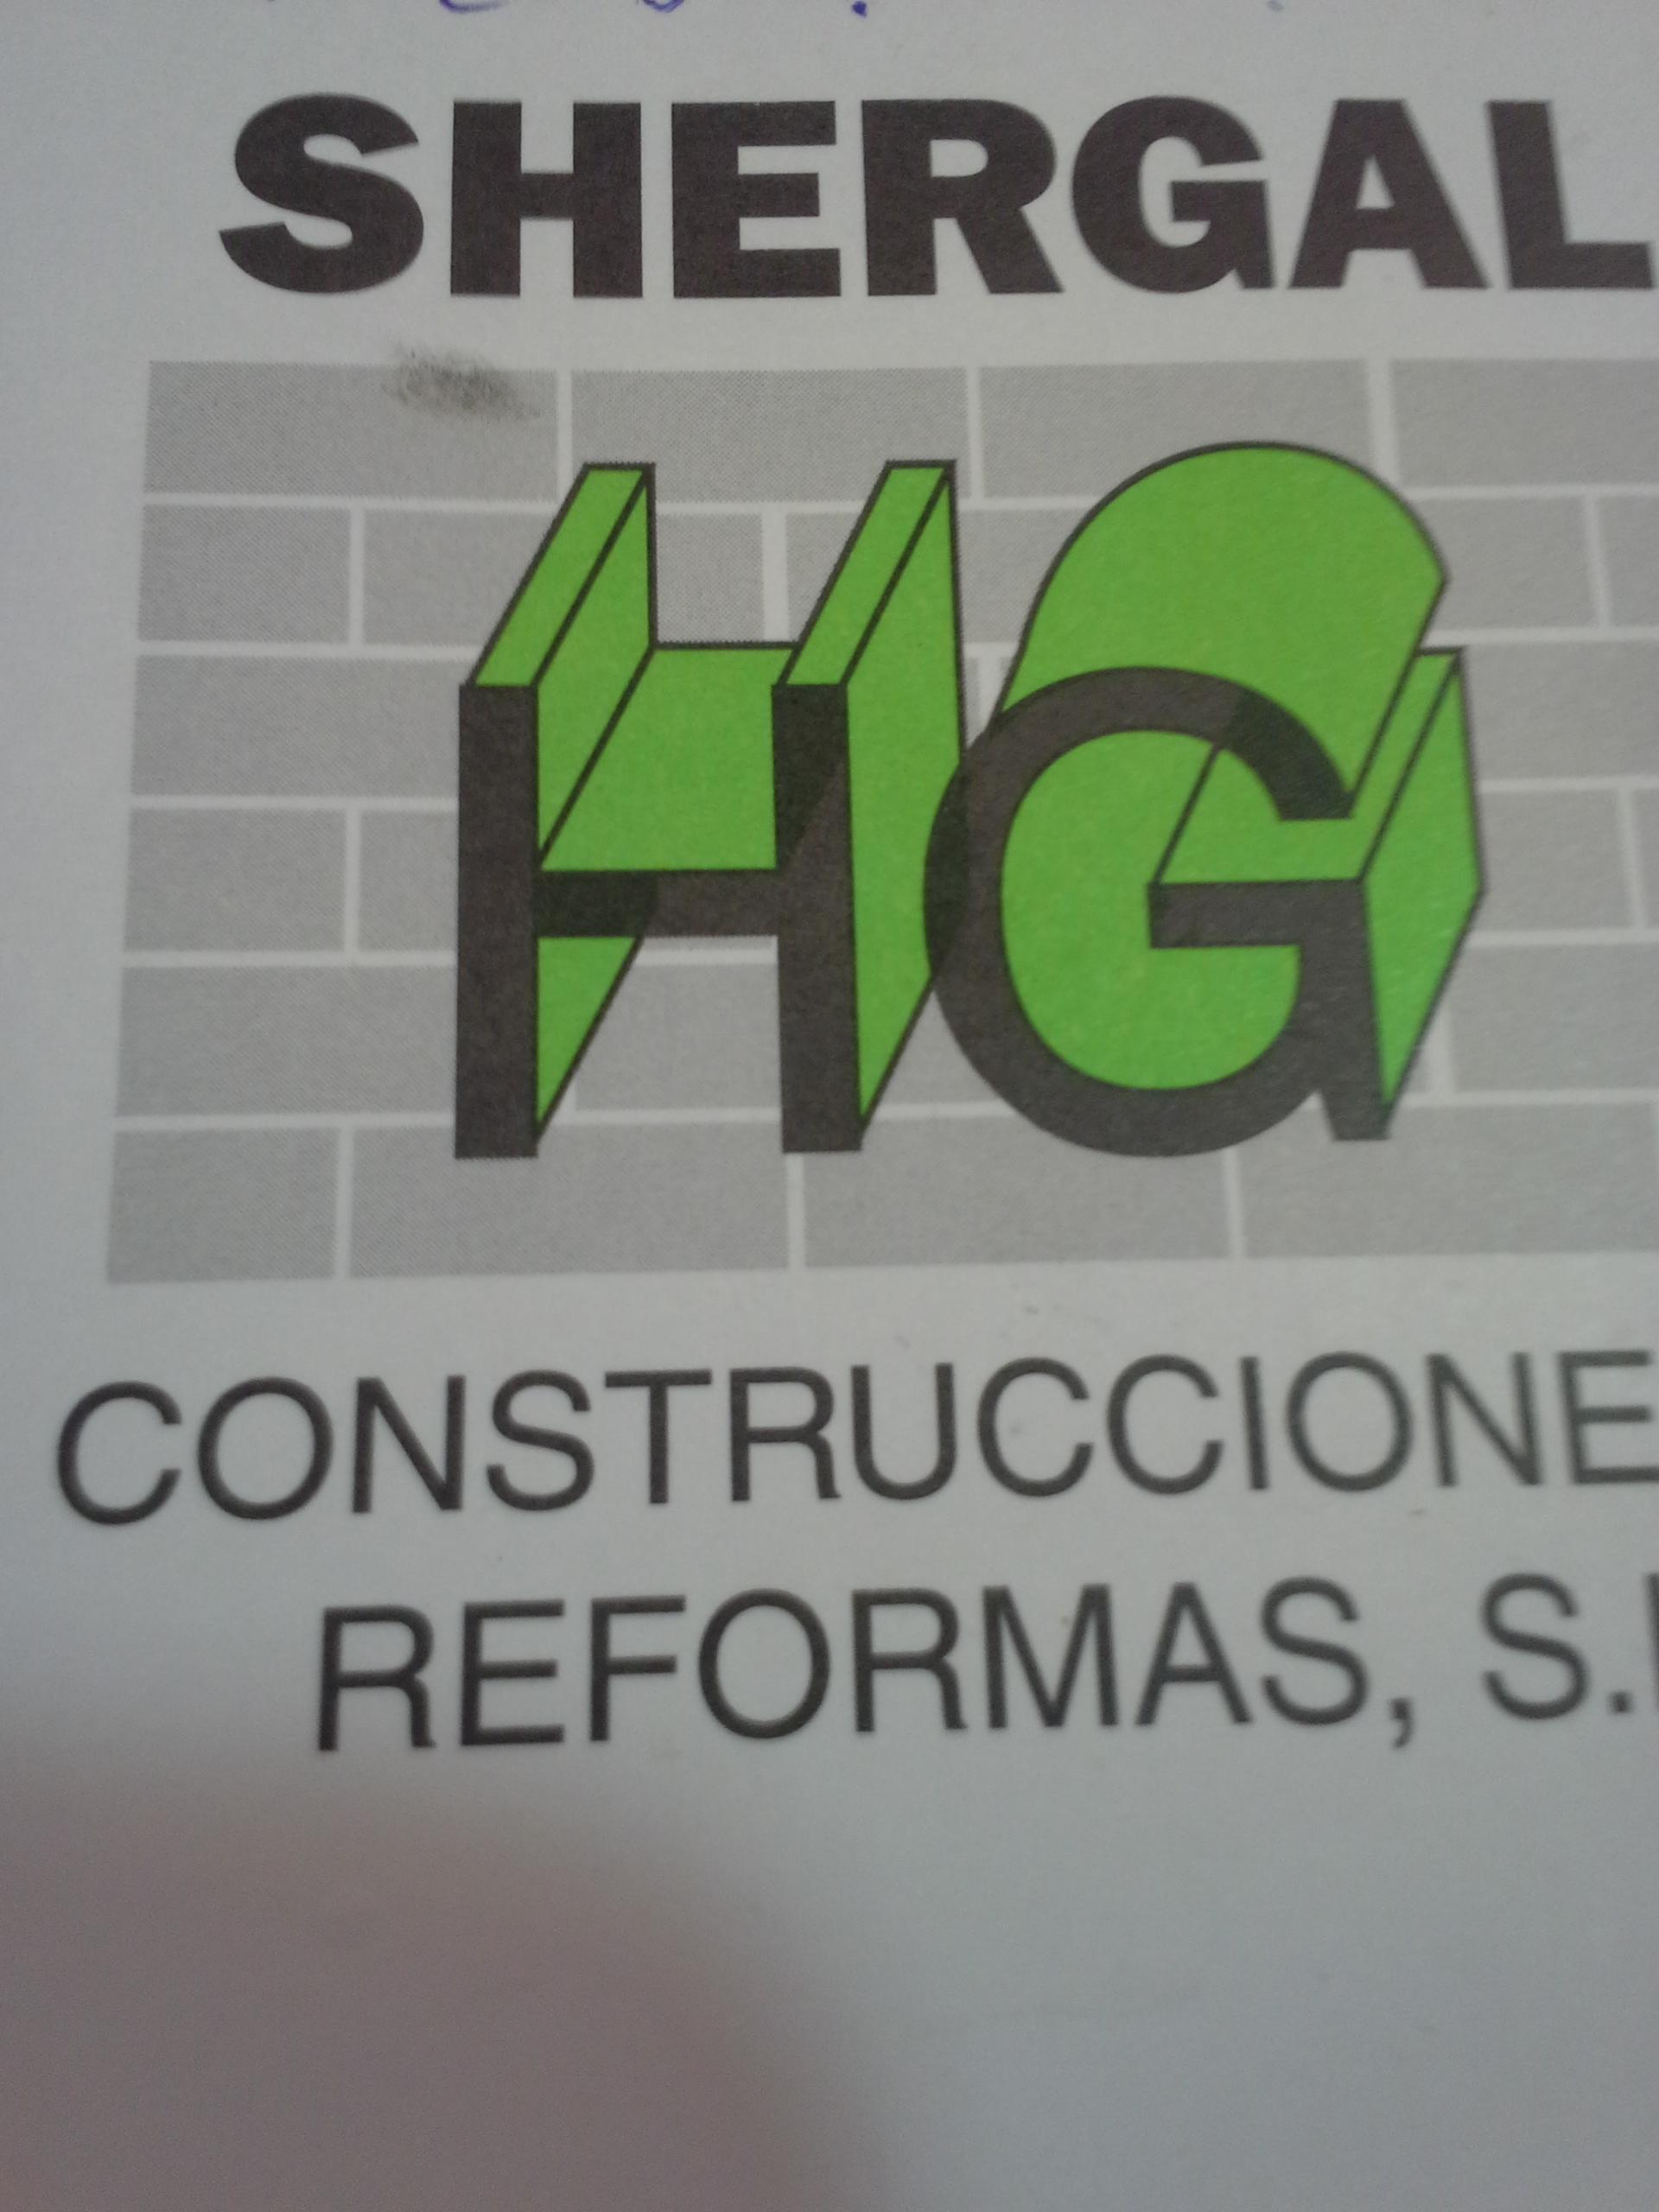 Shergal construcciones y reformas slu